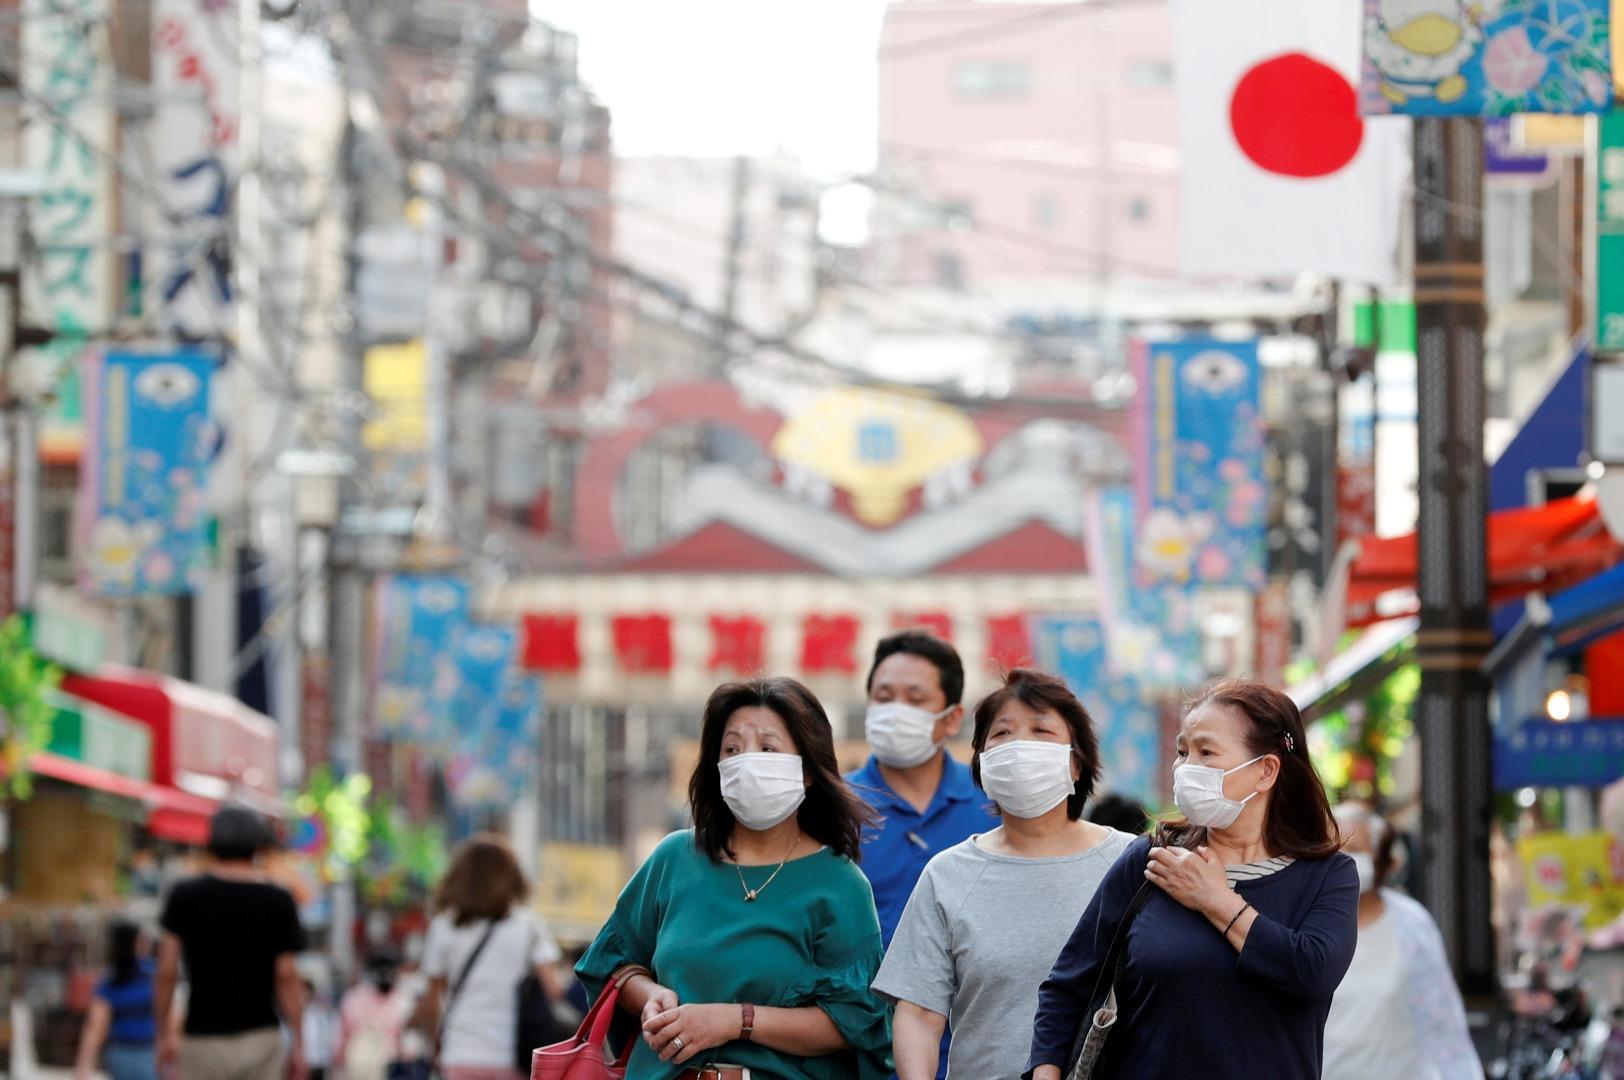 warga jepangvpakai masker